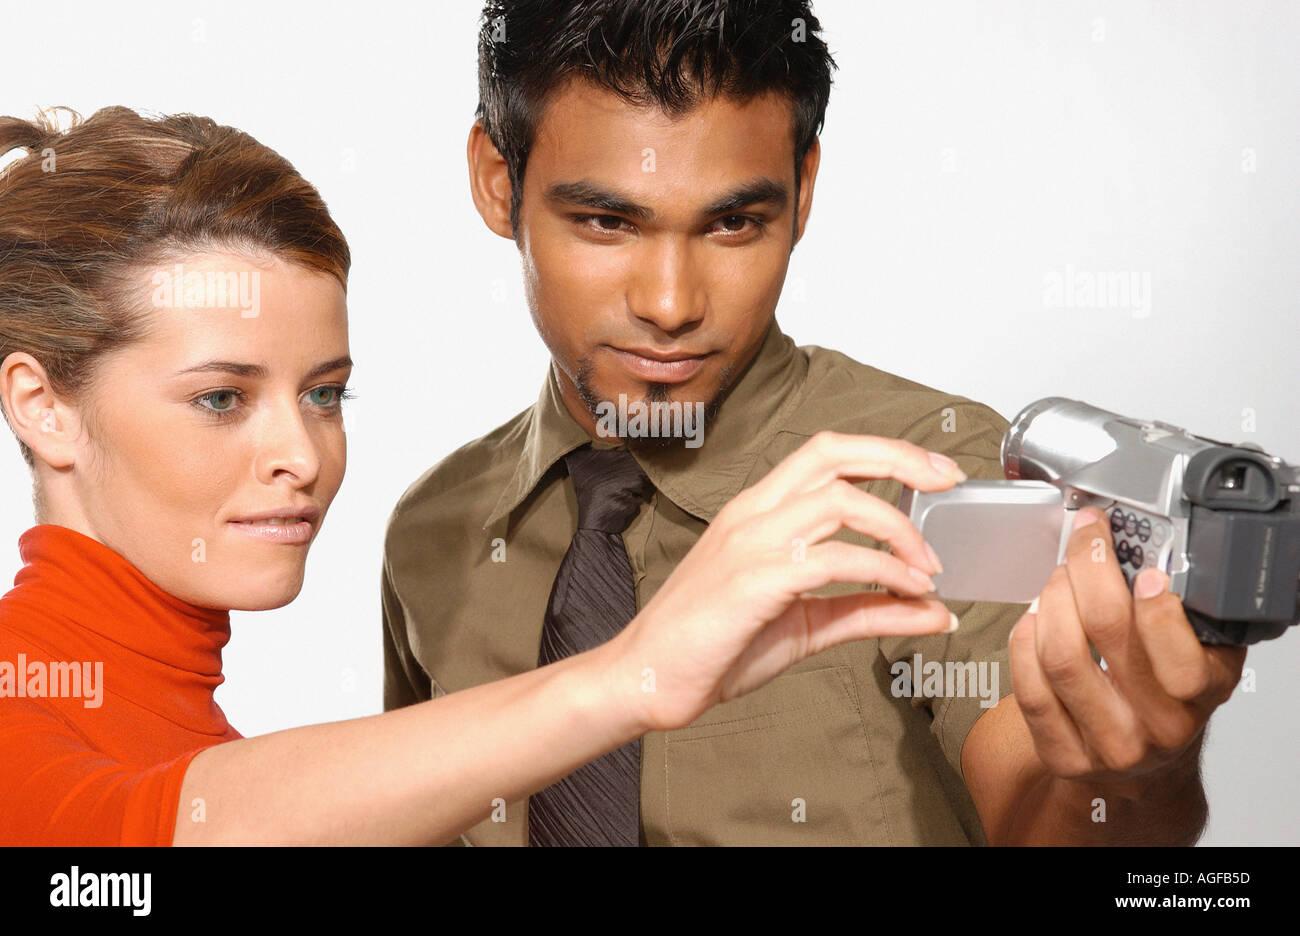 Le persone che usano la telecamera video Immagini Stock